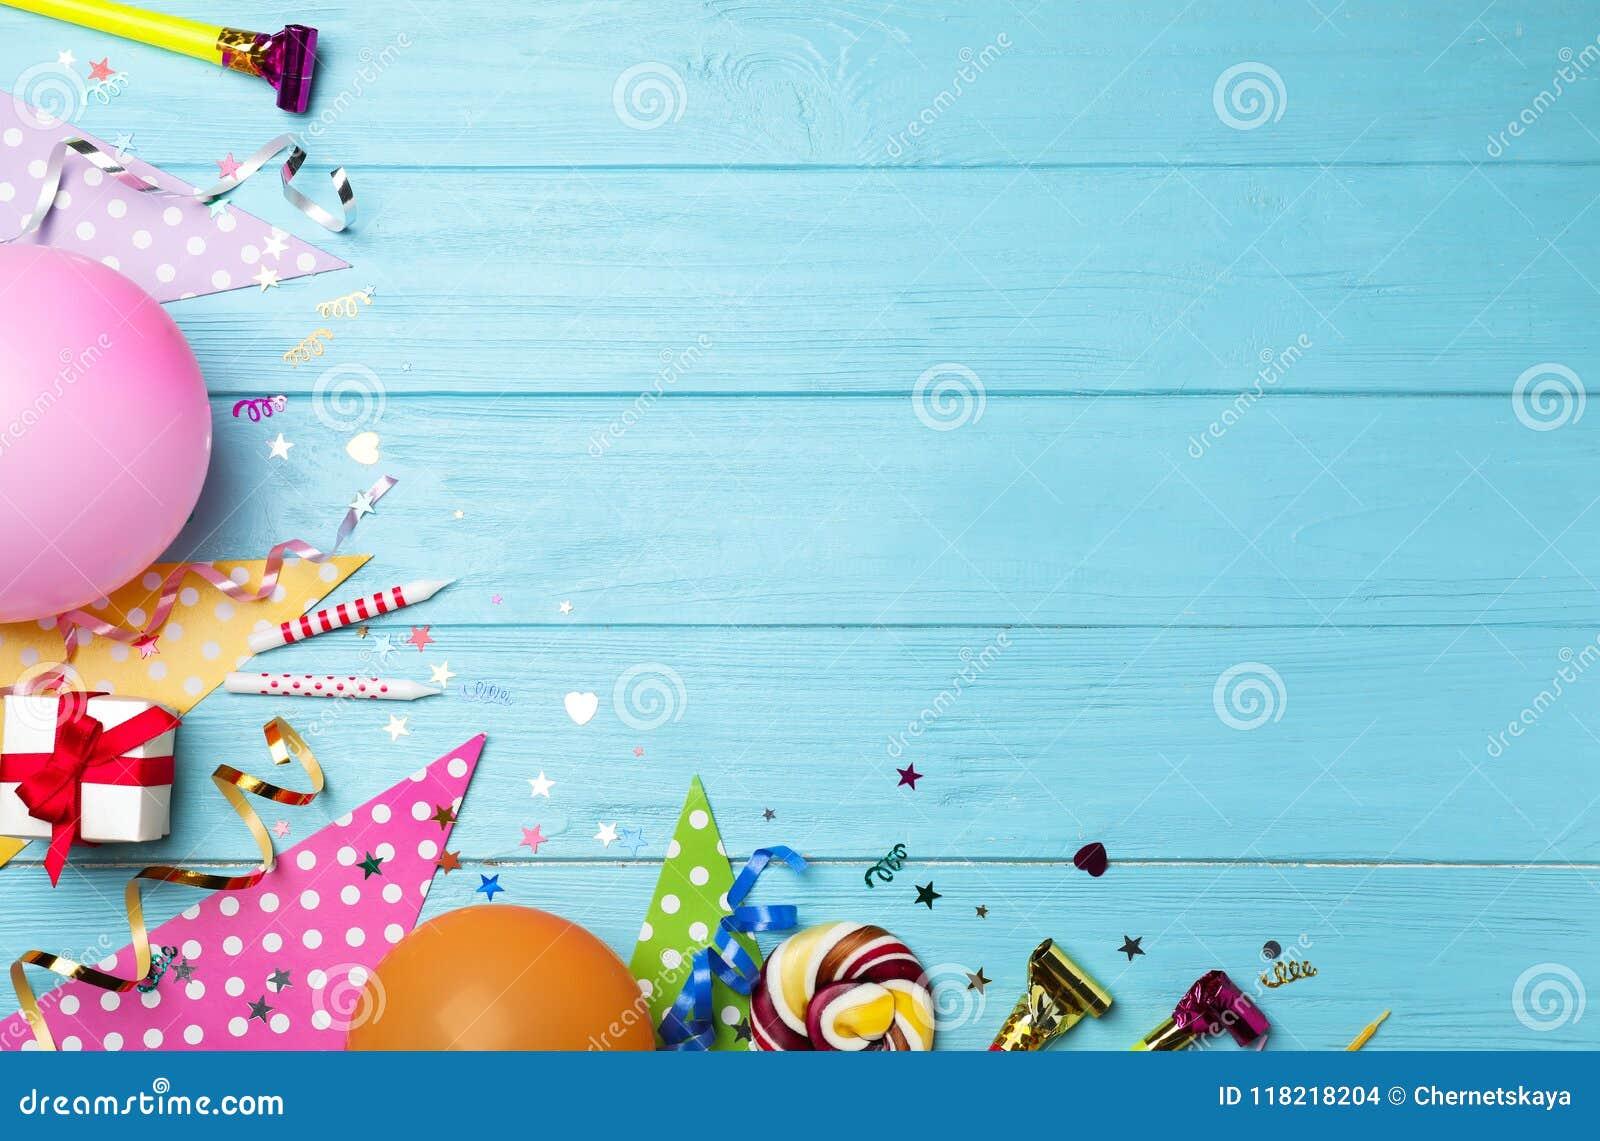 Плоский состав положения с деталями вечеринки по случаю дня рождения на голубой деревянной предпосылке